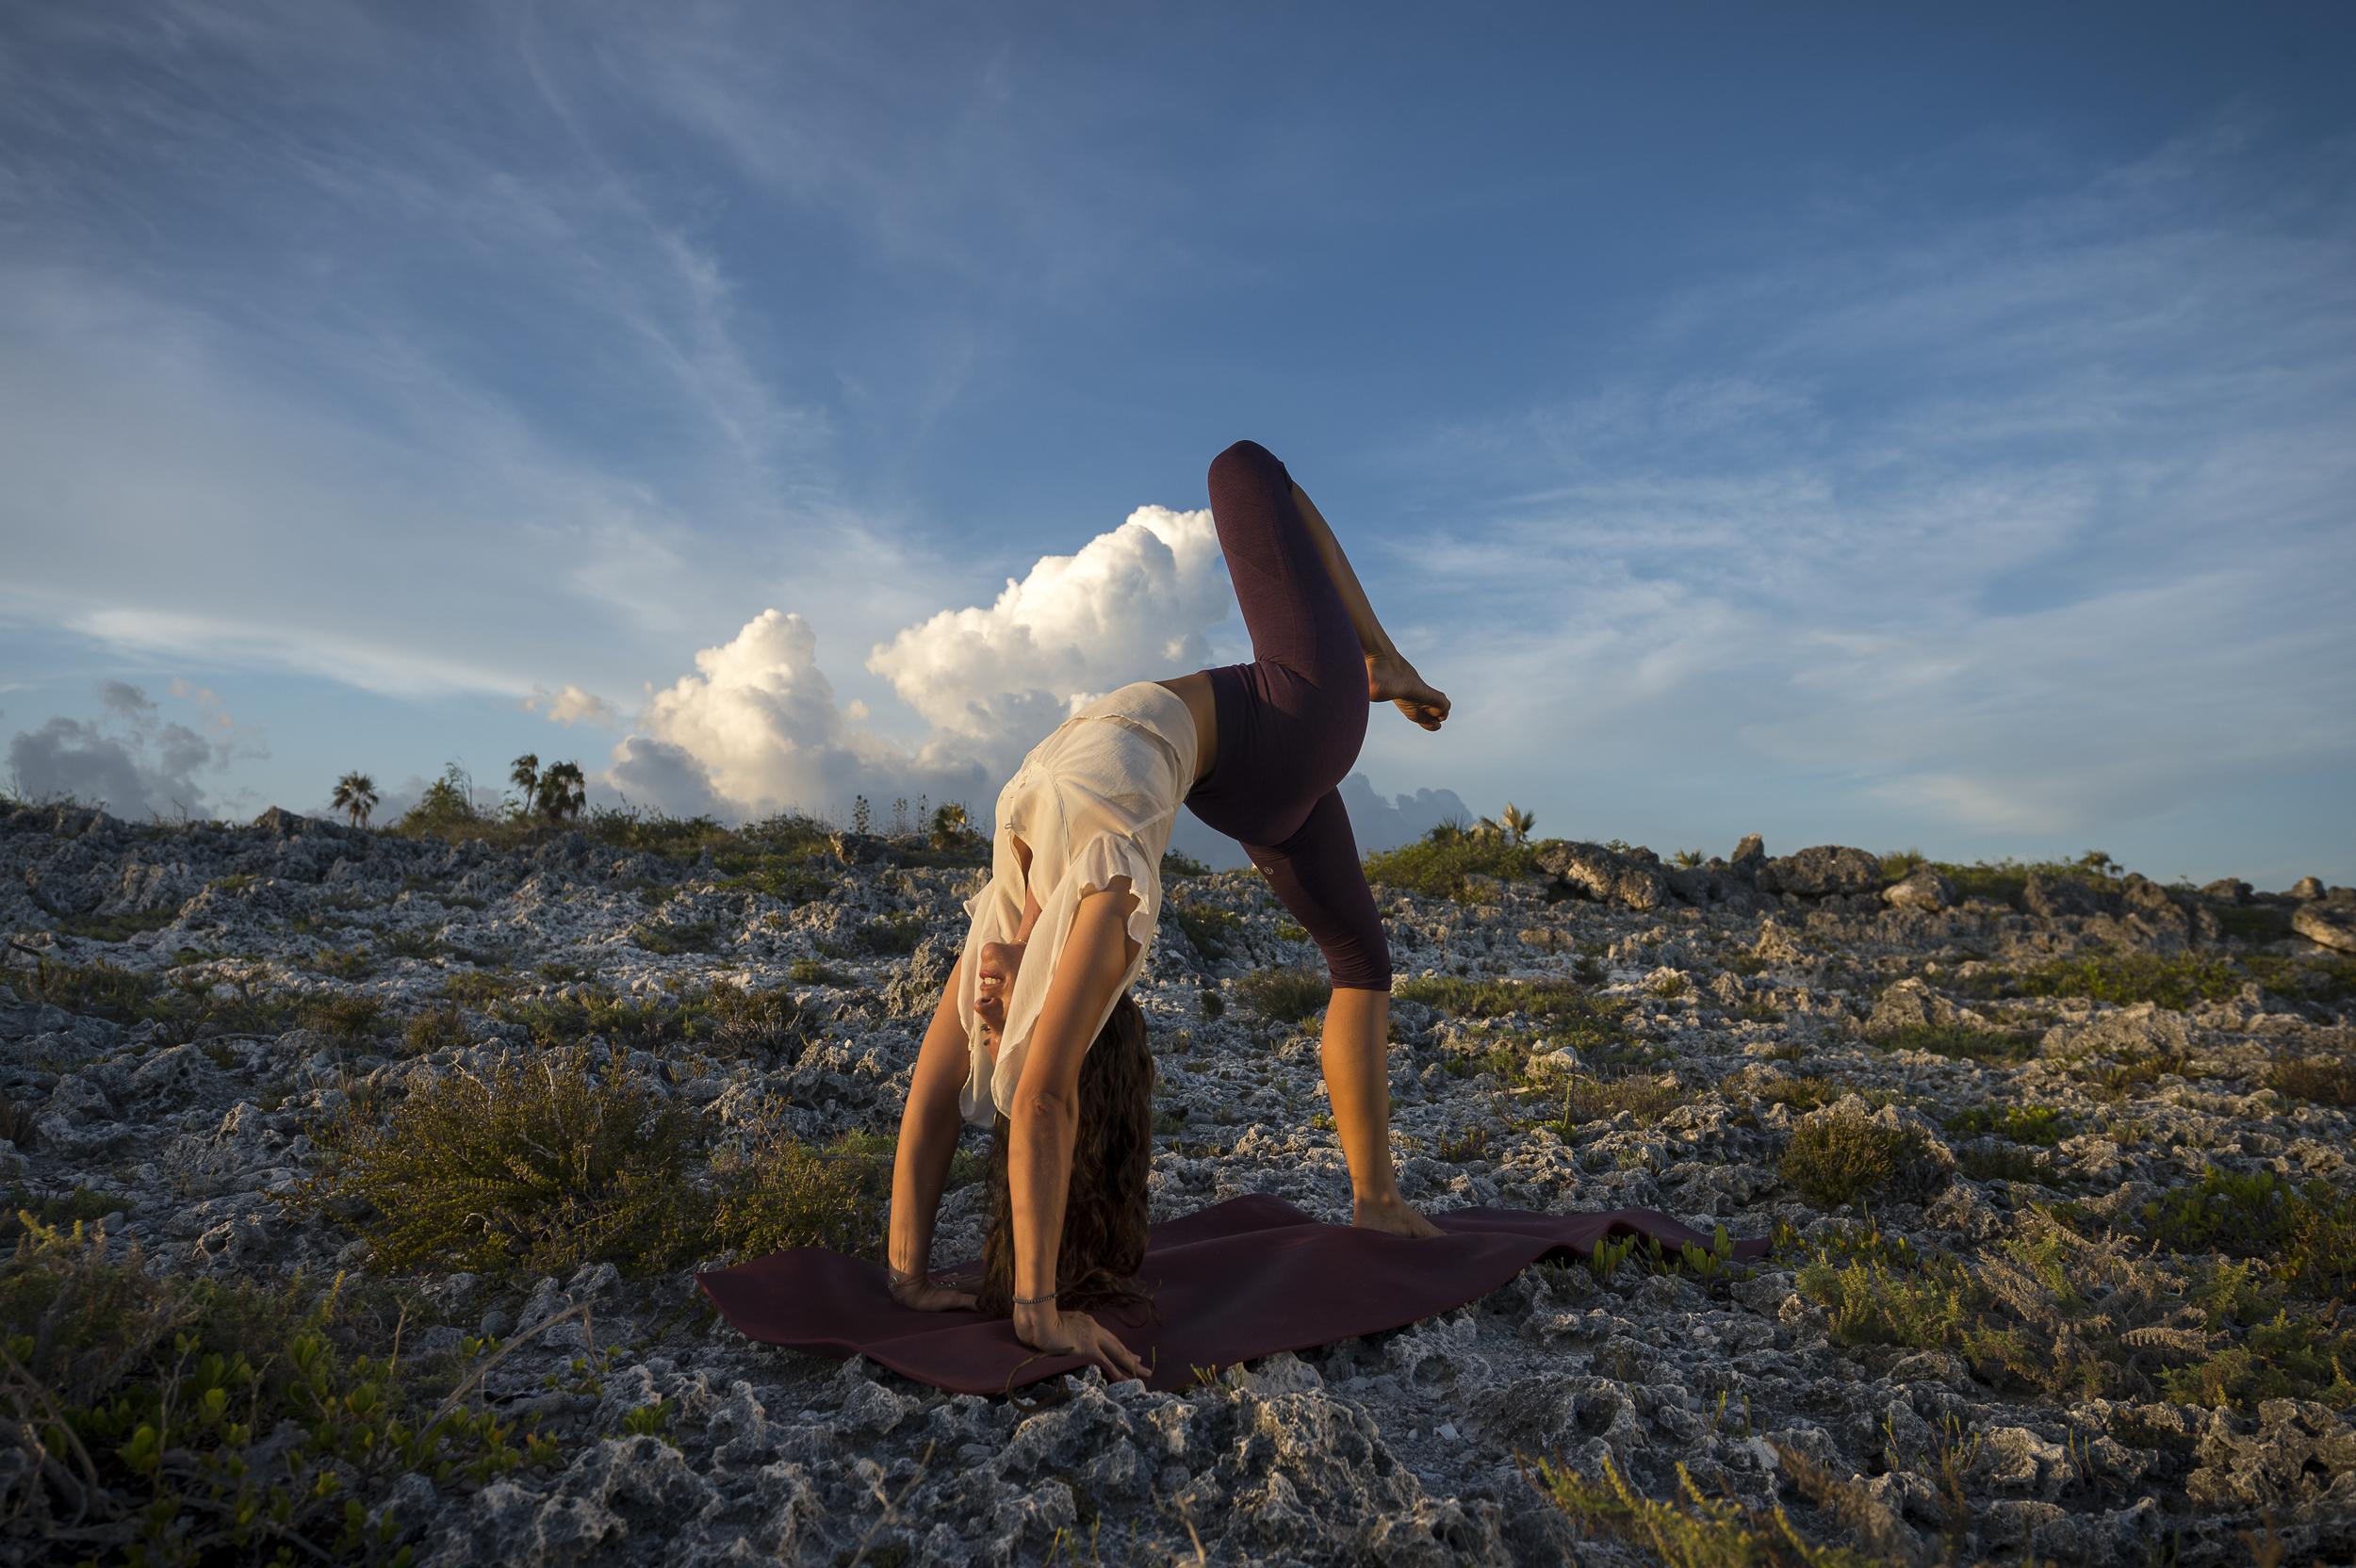 Stunning backbending at sunset #Yoga